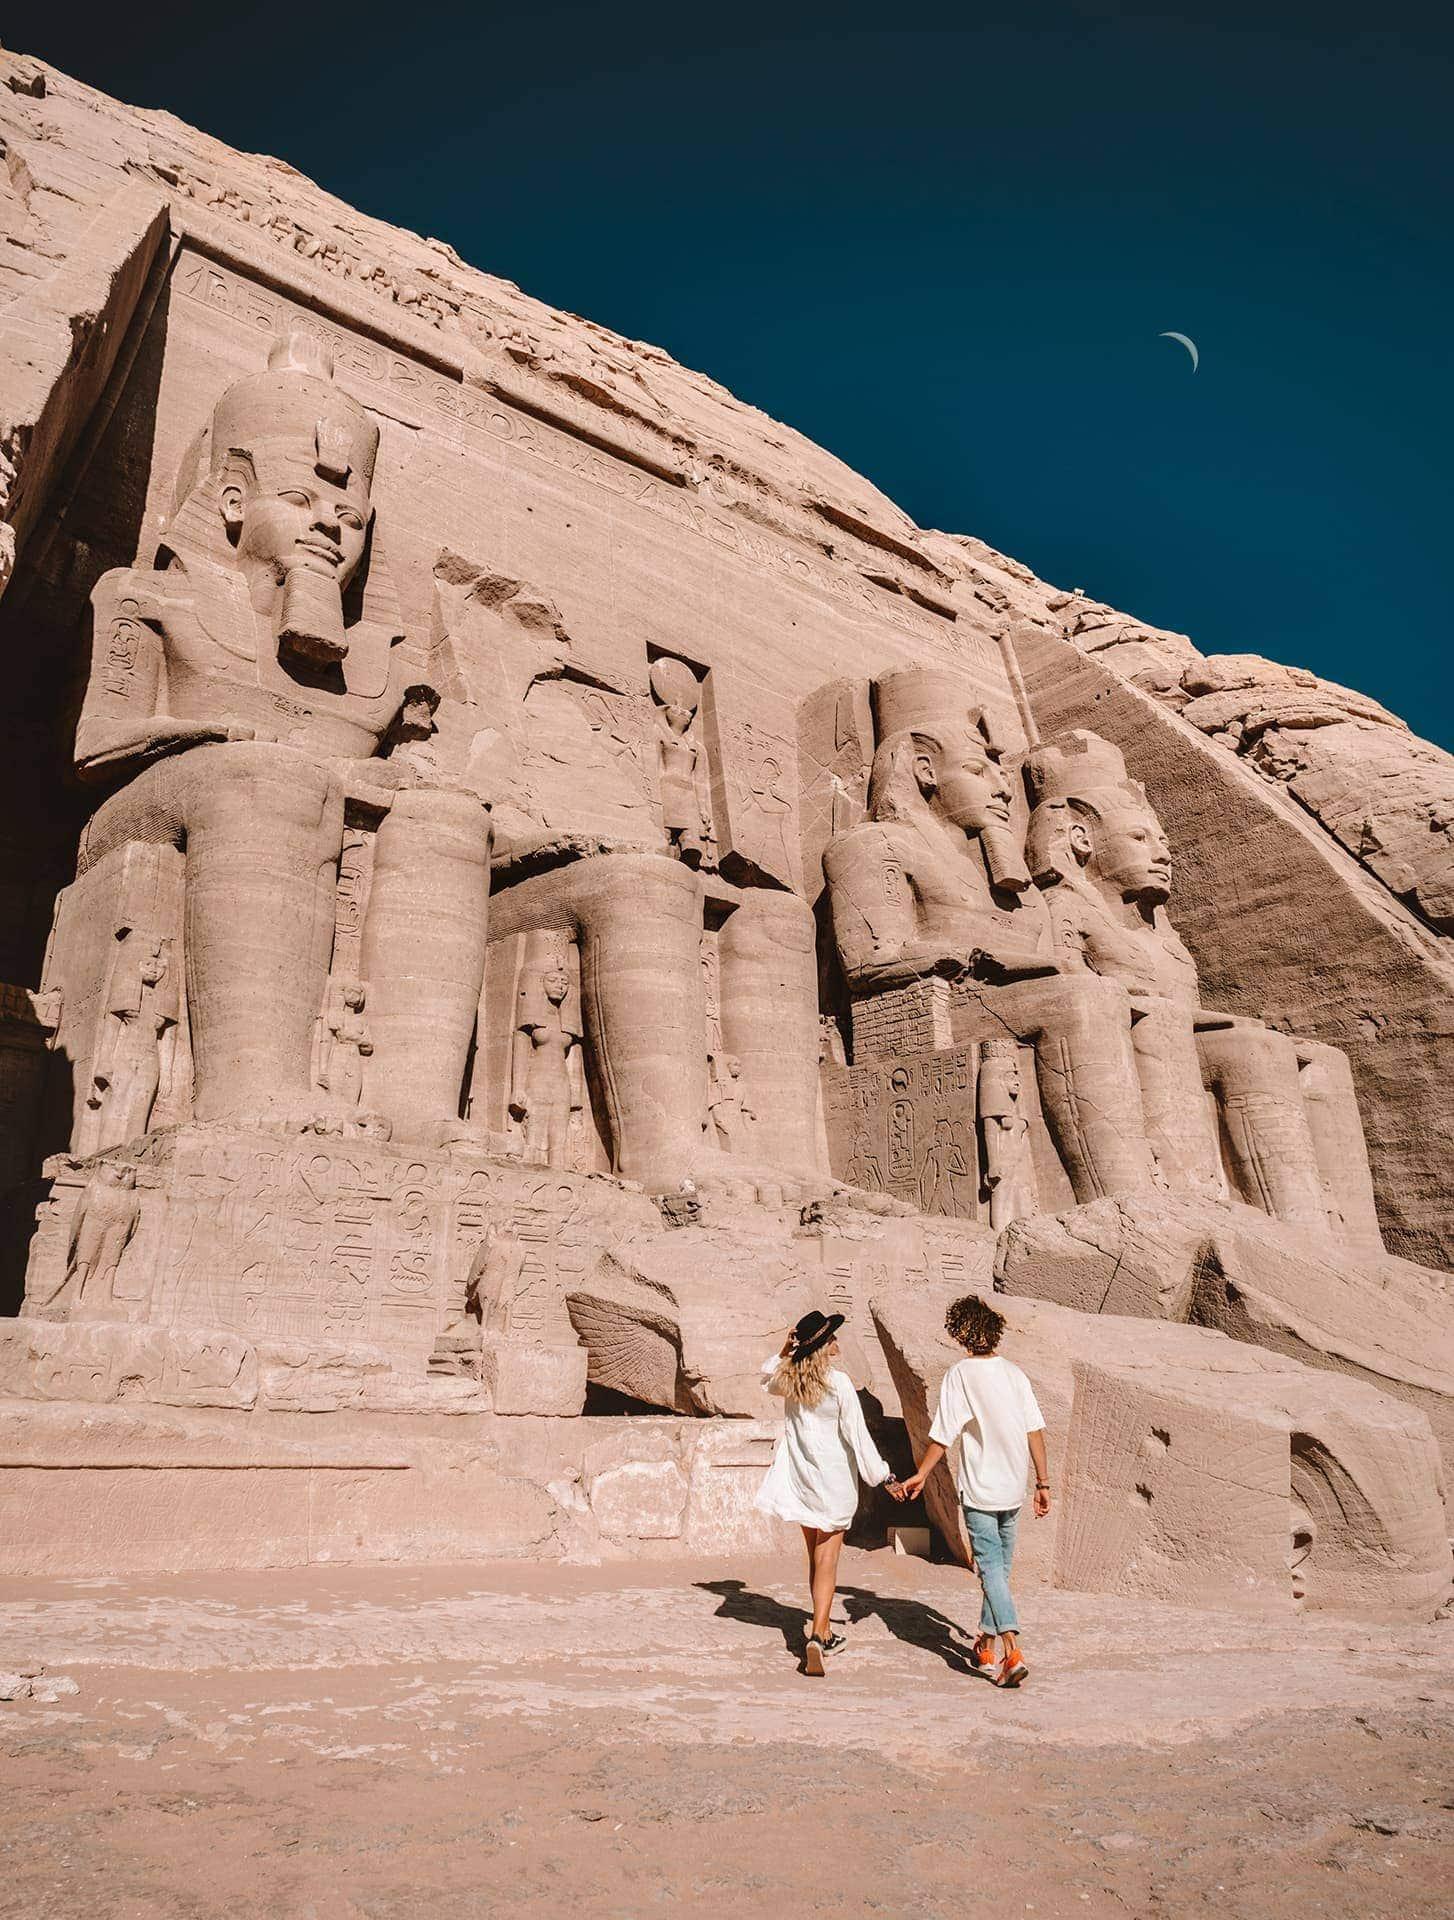 egypt travel route abu simbel